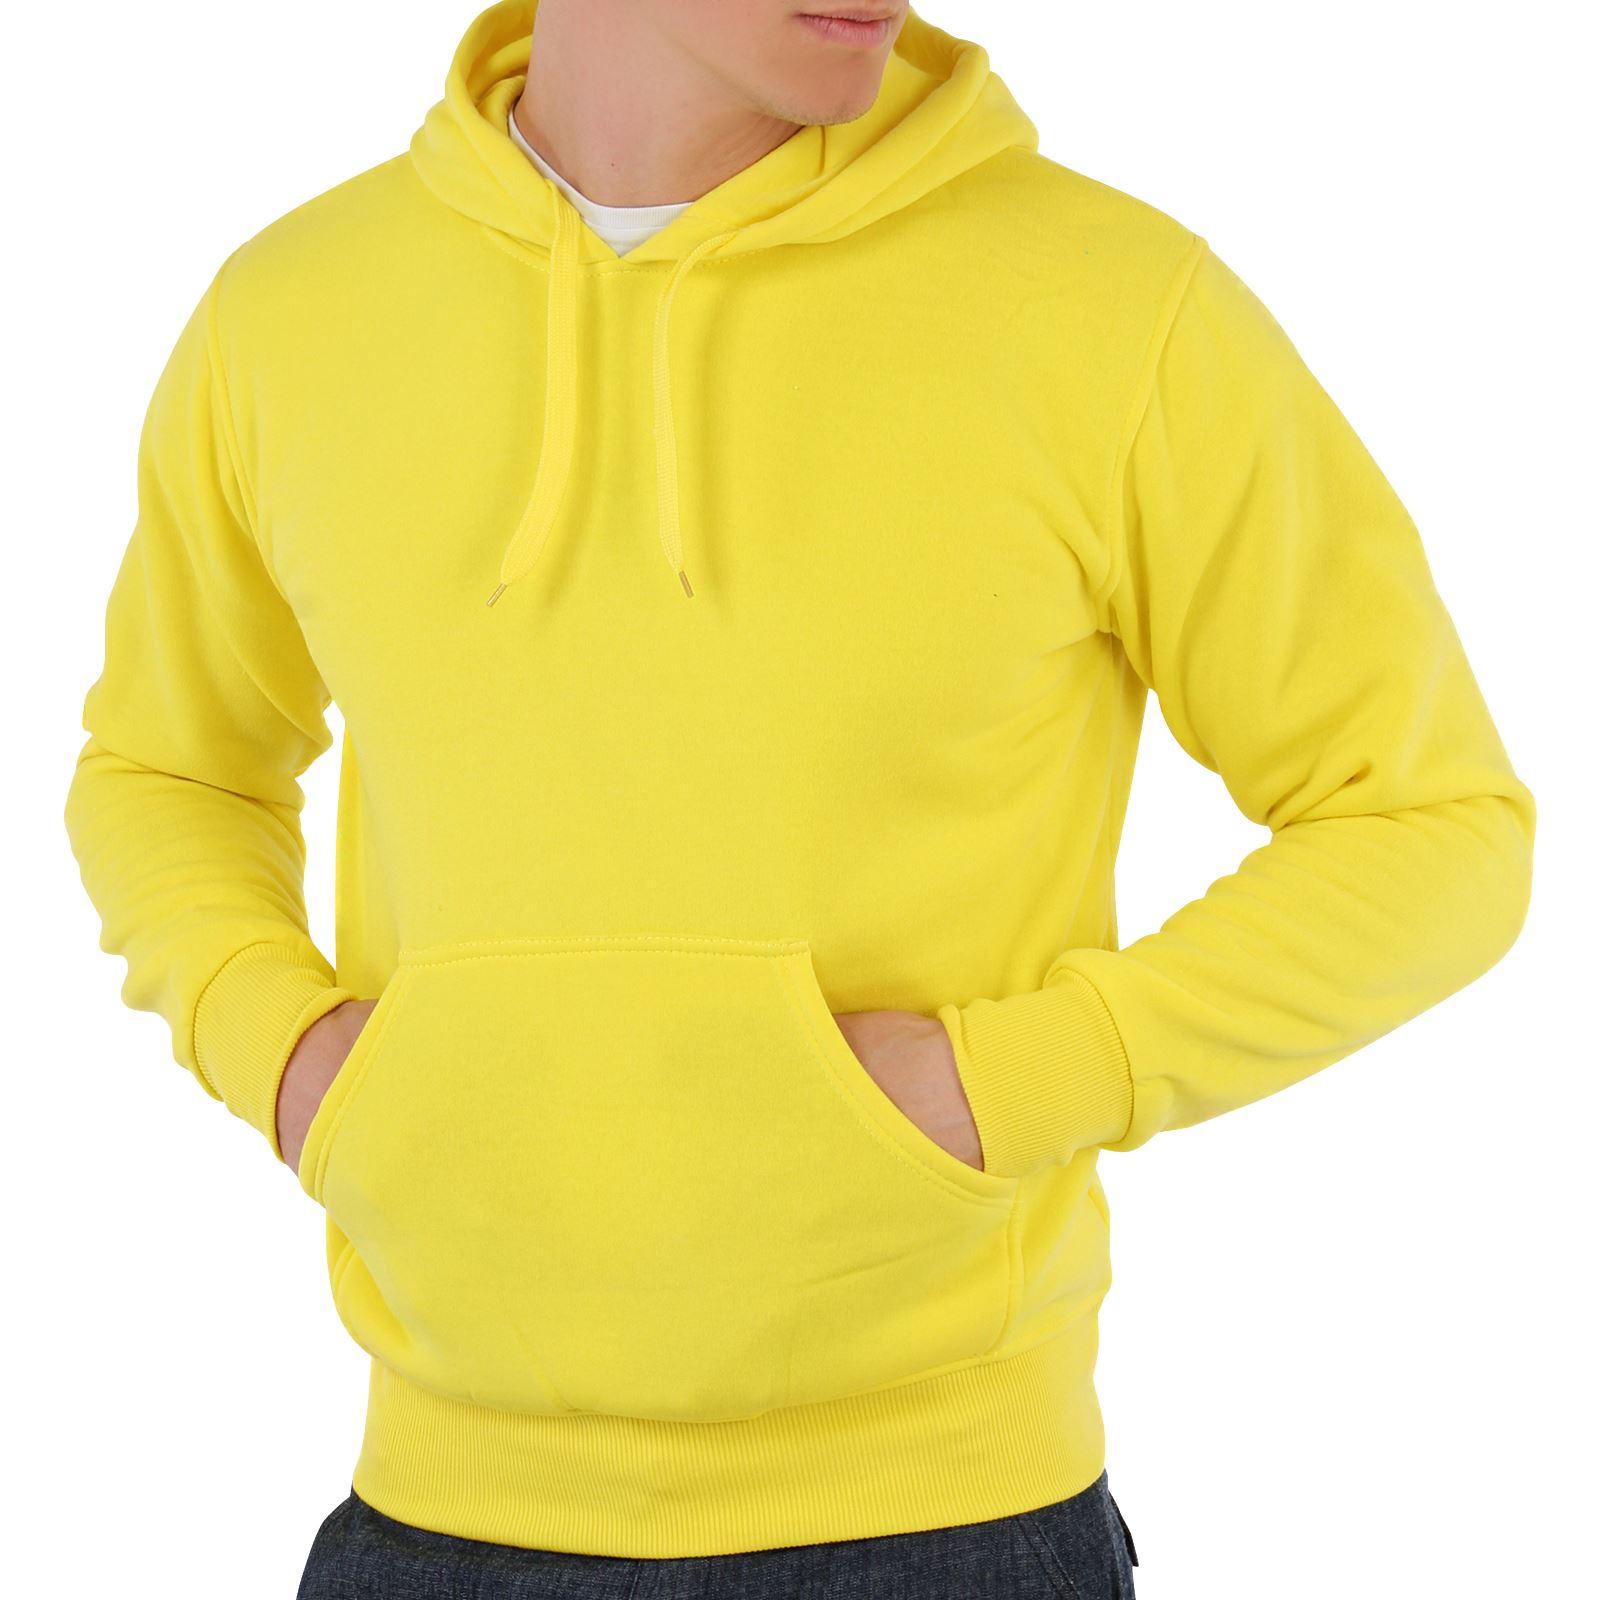 Mens Big And Tall T Shirts Cheap